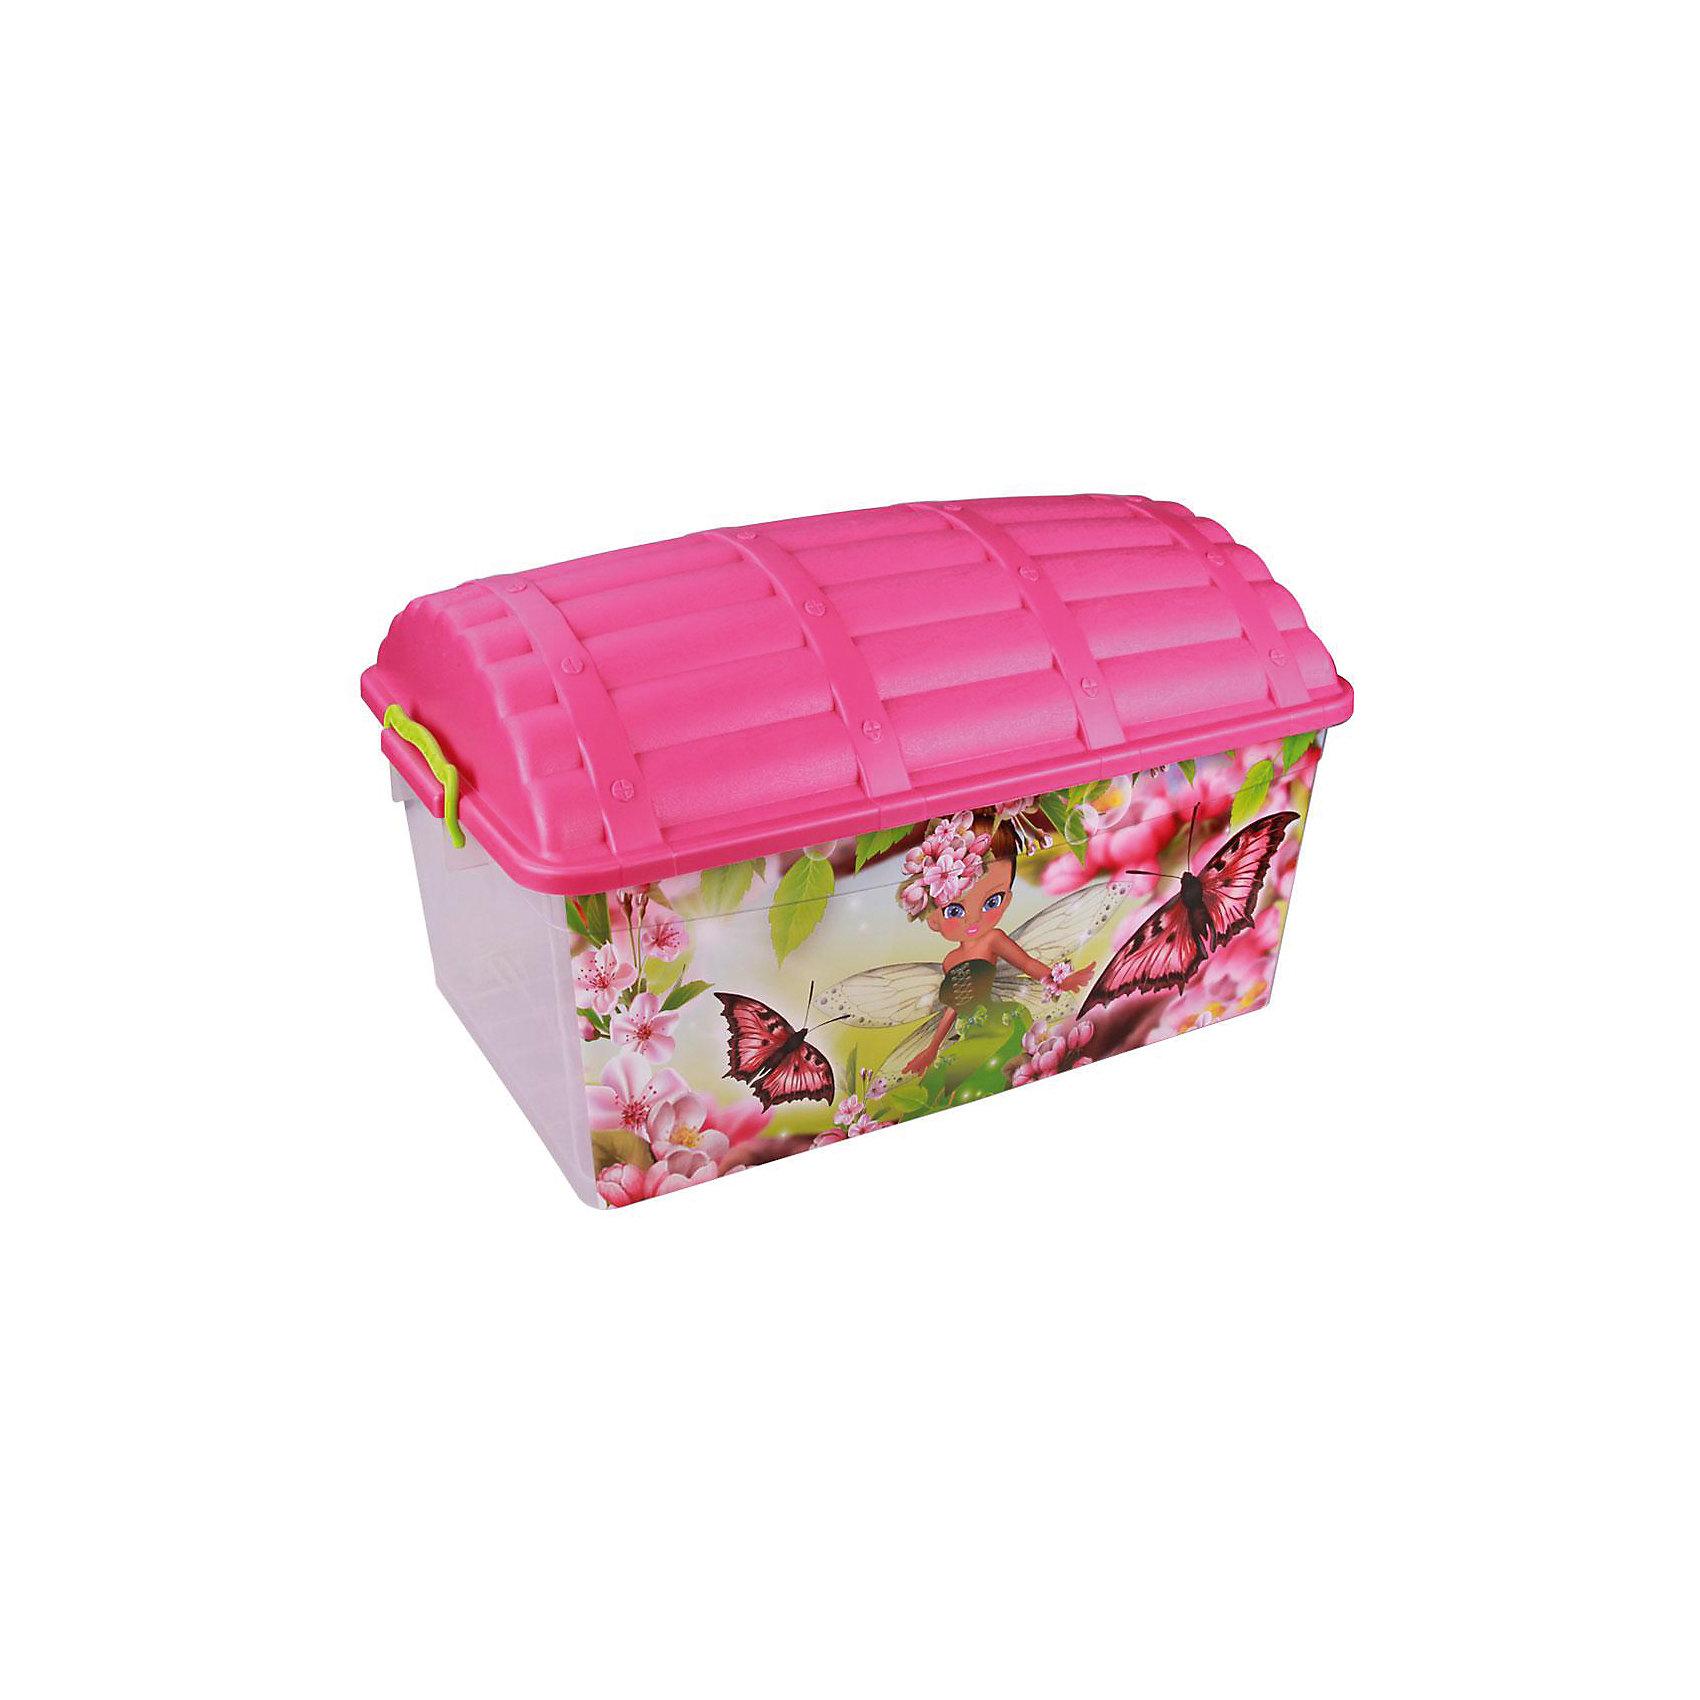 Контейнер Сундук (фея) 40л., AlternativaПорядок в детской<br>Характеристики:<br><br>• Предназначение: для хранения игрушек<br>• Материал: пластик<br>• Цвет: розовый, желтый, зеленый<br>• Размер (Д*Ш*В): 62*40,5*27 см<br>• Вместимость (объем): 40 л<br>• Форма: прямоугольный<br>• Наличие крышки с замками-клипсами<br>• Особенности ухода: разрешается мыть теплой водой<br><br>Контейнер Сундук (фея) 40 л., Alternativa изготовлен отечественным производителем ООО ЗПИ Альтернатива, который специализируется на выпуске широкого спектра изделий из пластика. <br>Контейнер в форме сундука выполнен из экологически безопасного пластика, устойчивого к механическим повреждениям, корпус оформлен ярким рисунком, в комплекте имеется крышка яркого розового цвета. Изделие позволит обеспечить не только порядок в комнате ребенка, но и станет ярким предметом интерьера. Контейнер Сундук (фея) 40 л., Alternativa вместительный, но при этом обладает легким весом.<br><br>Контейнер Сундук (фея) 40 л., Alternativa можно купить в нашем интернет-магазине.<br><br>Ширина мм: 620<br>Глубина мм: 405<br>Высота мм: 330<br>Вес г: 1768<br>Возраст от месяцев: 6<br>Возраст до месяцев: 84<br>Пол: Женский<br>Возраст: Детский<br>SKU: 5096570